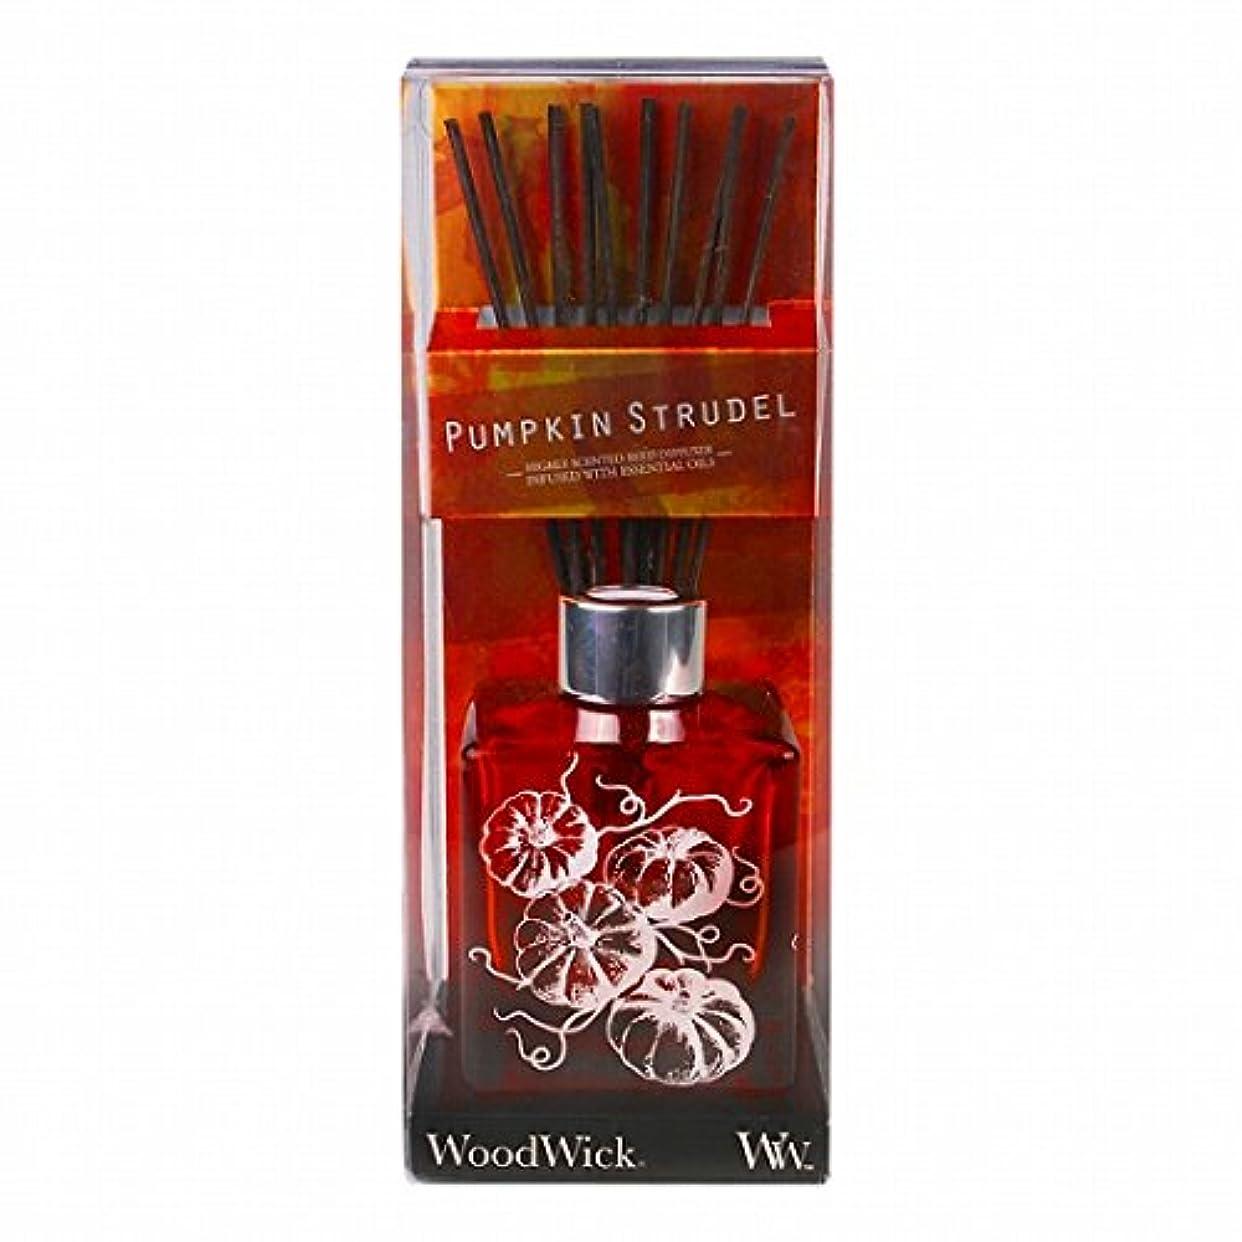 永遠の目を覚ますノイズウッドウィック(WoodWick) Wood Wickダンシンググラスリードディフューザー 「 シュトルーデル 」